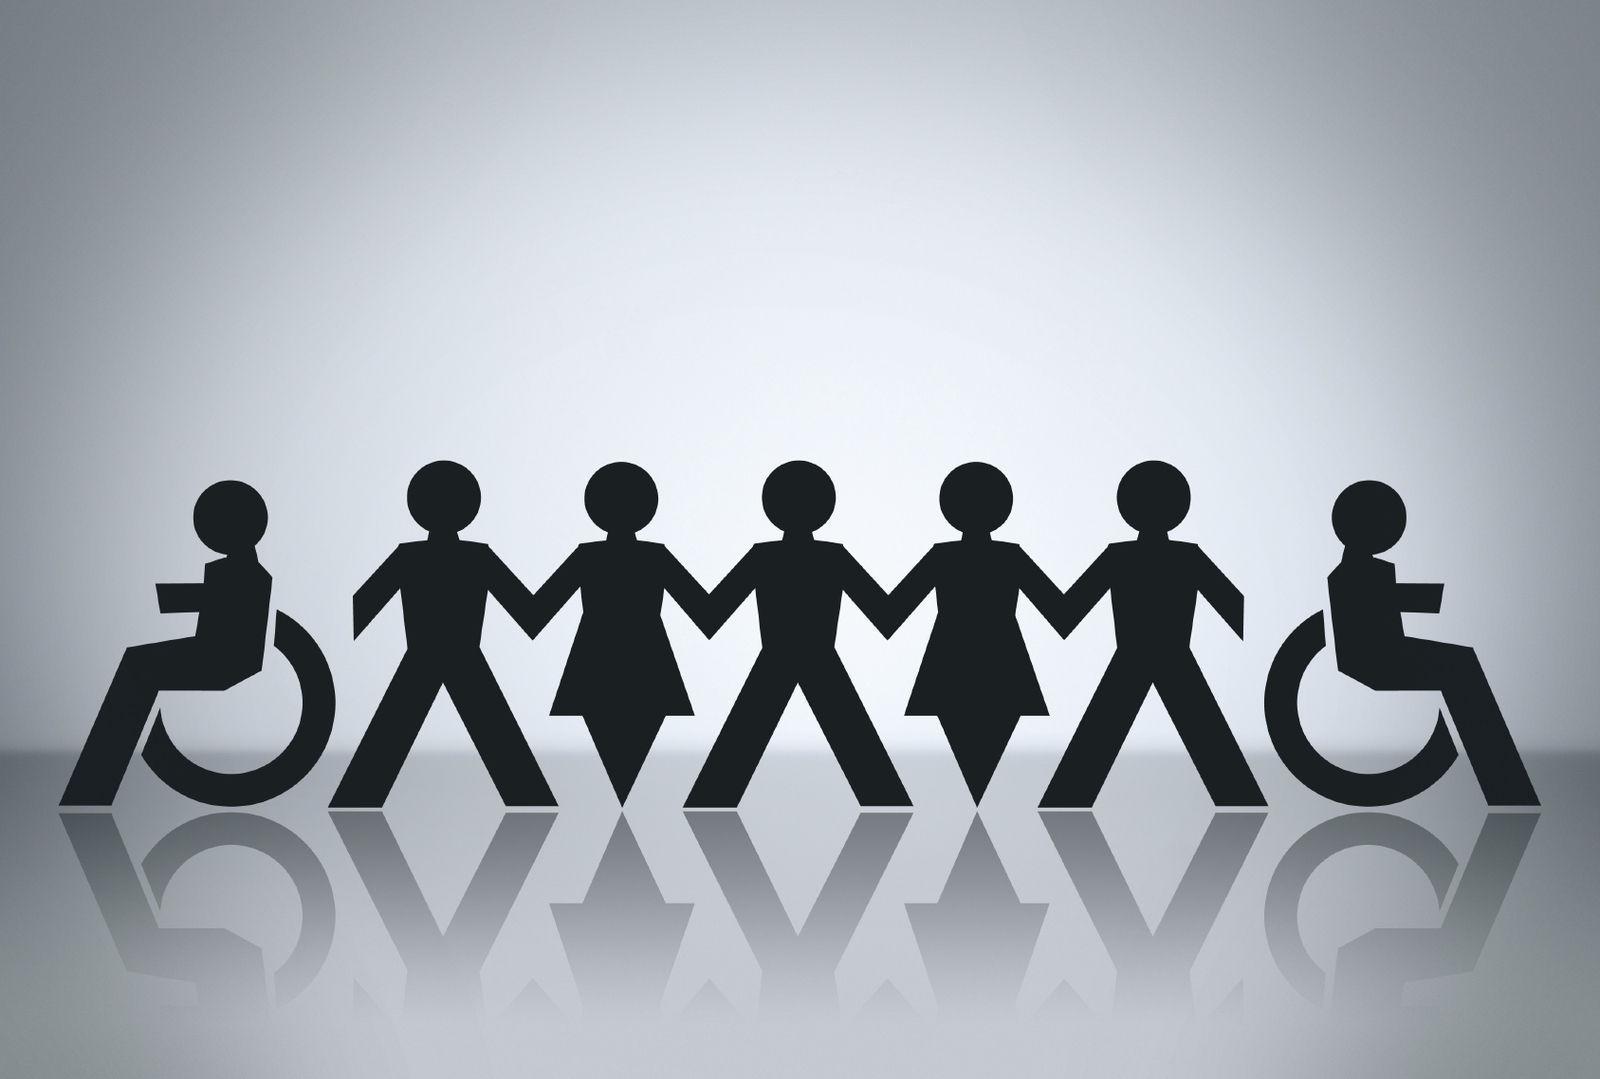 Бүх яаманд Хөгжлийн бэрхшээлтэй хүний эрхийг хангах зөвлөл ажиллаж эхэлнэ